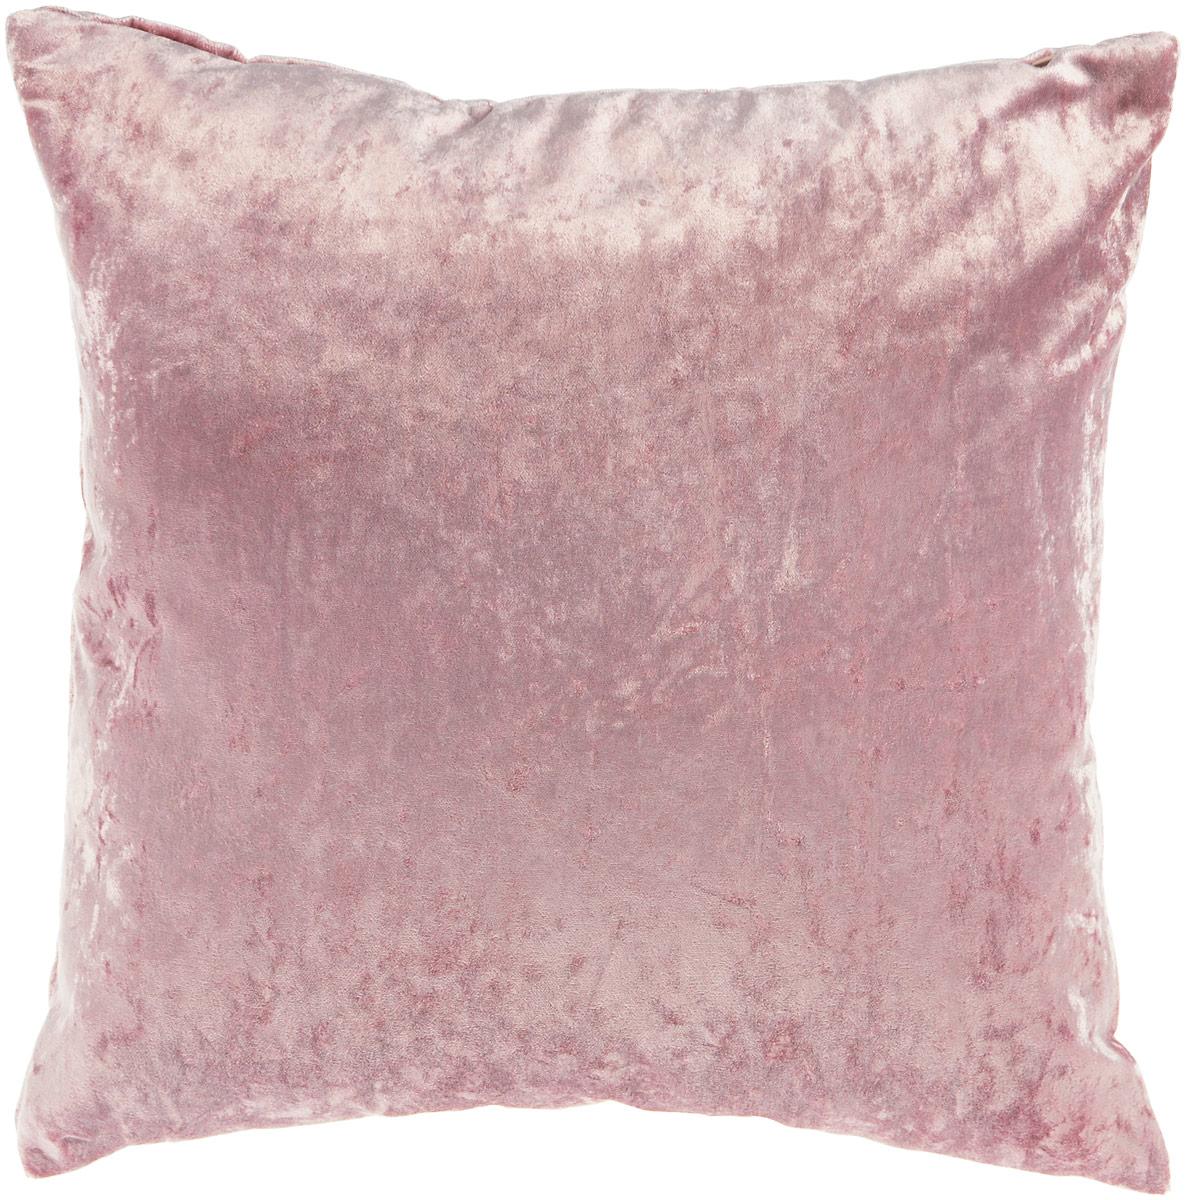 Подушка декоративная KauffOrt Бархат, цвет: розовый, 40 x 40 смCLP446Декоративная подушка Бархат прекрасно дополнит интерьер спальни или гостиной. Бархатистый на ощупь чехол подушки выполнен из 49% вискозы, 42% хлопка и 9% полиэстера. Внутри находится мягкий наполнитель. Чехол легко снимается благодаря потайной молнии.Красивая подушка создаст атмосферу уюта и комфорта в спальне и станет прекрасным элементом декора.